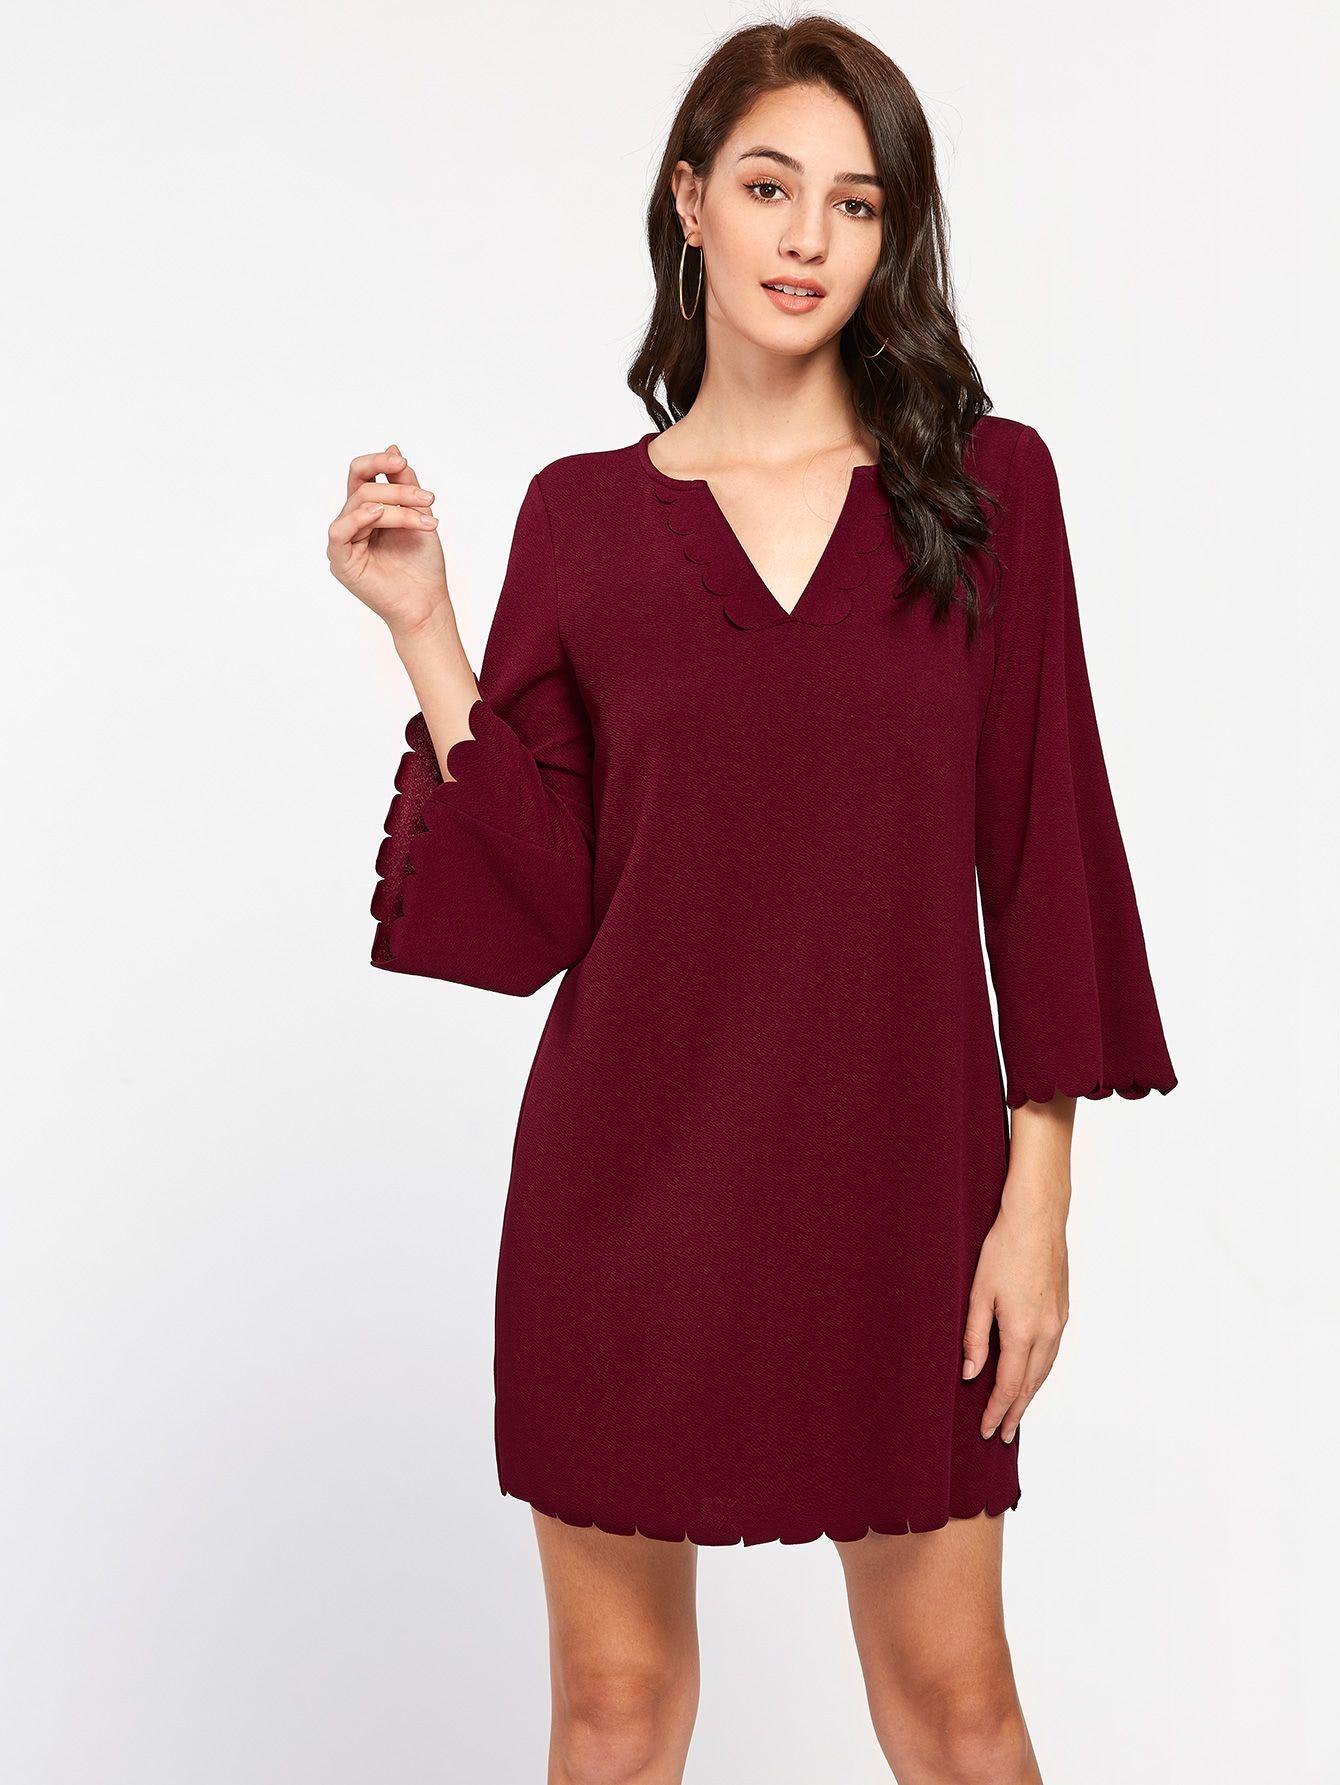 Scallop Sleeve OnlineShein Shop Offers Bell Detail Dress zUMVpLGjSq